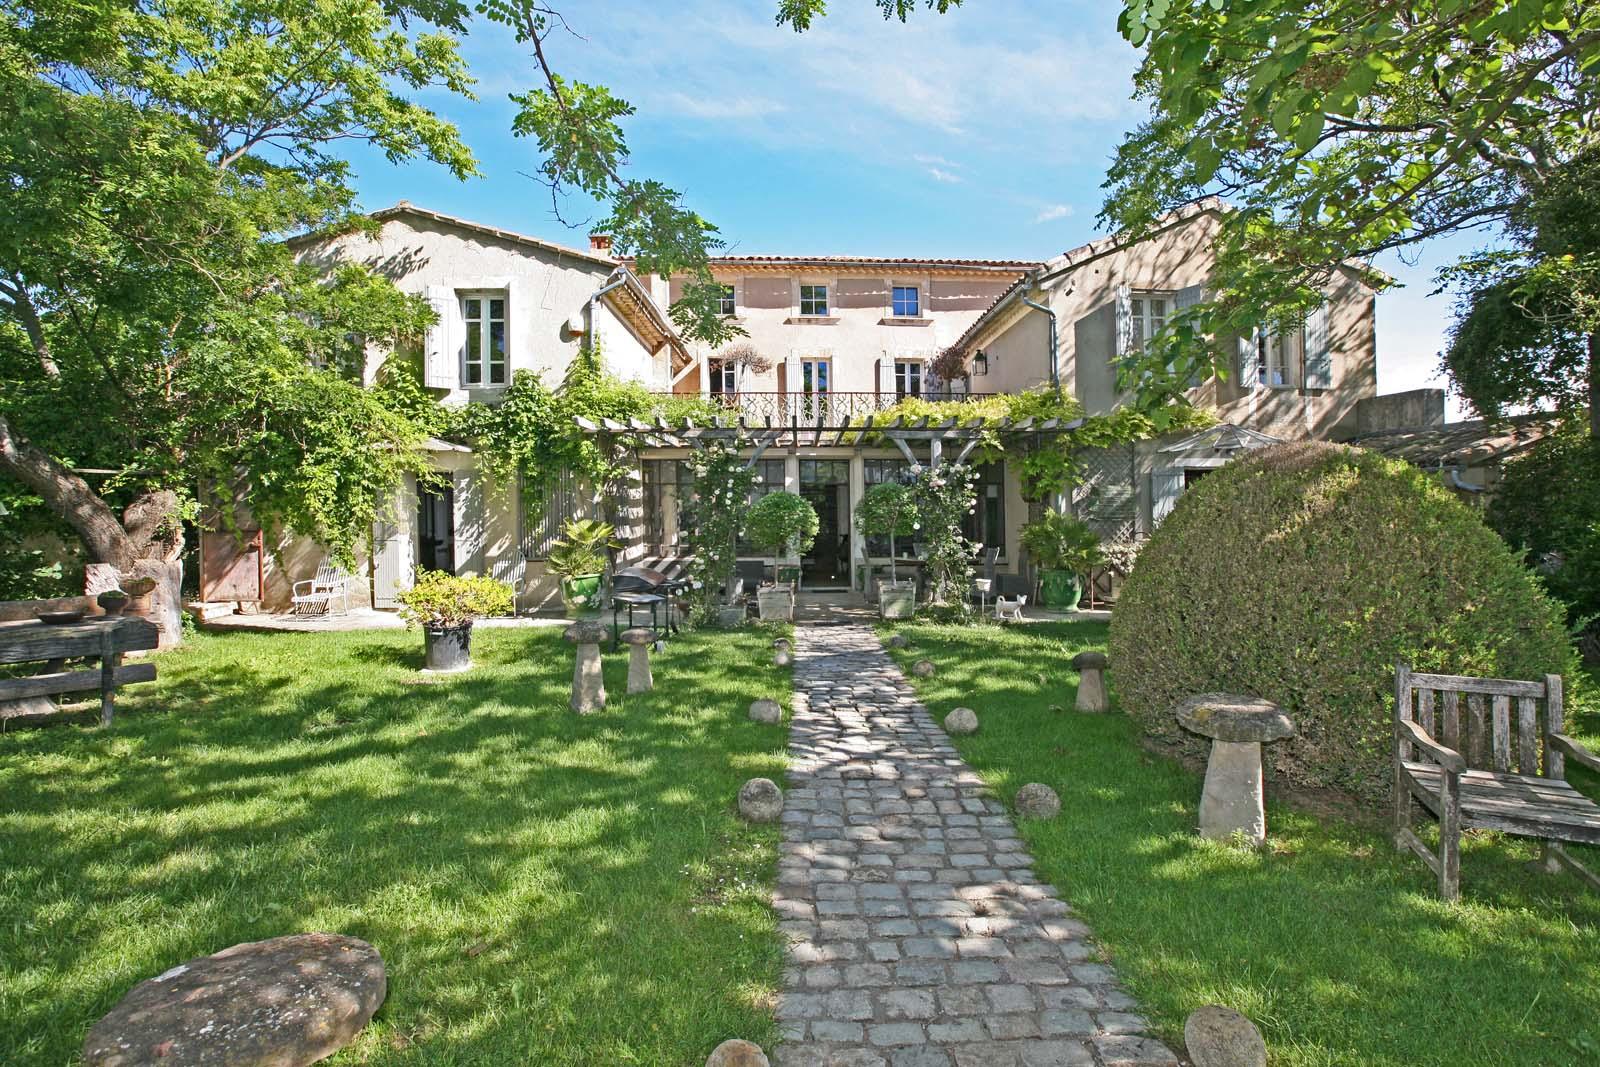 Ventes proche mont ventoux, ancienne propriété viticole à vendre ...